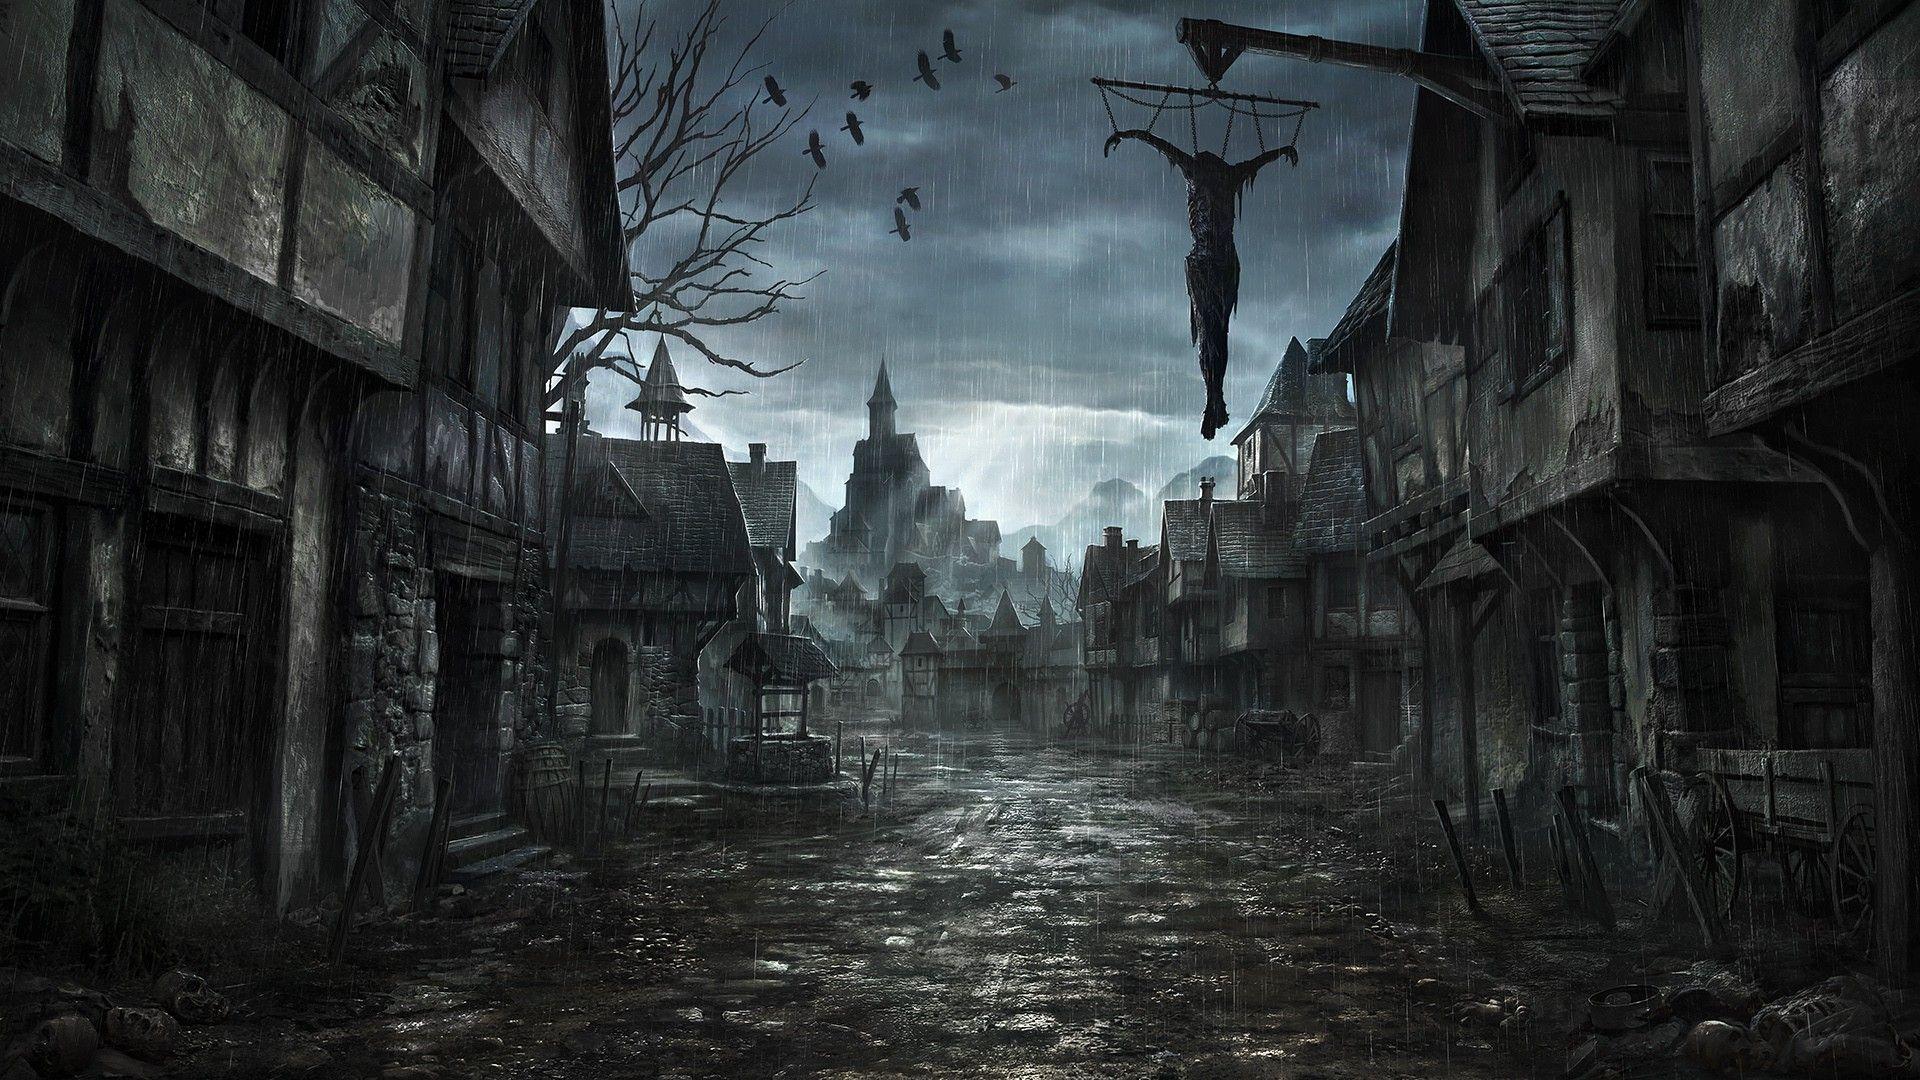 dark-fantasy-wallpaper-022.jpg